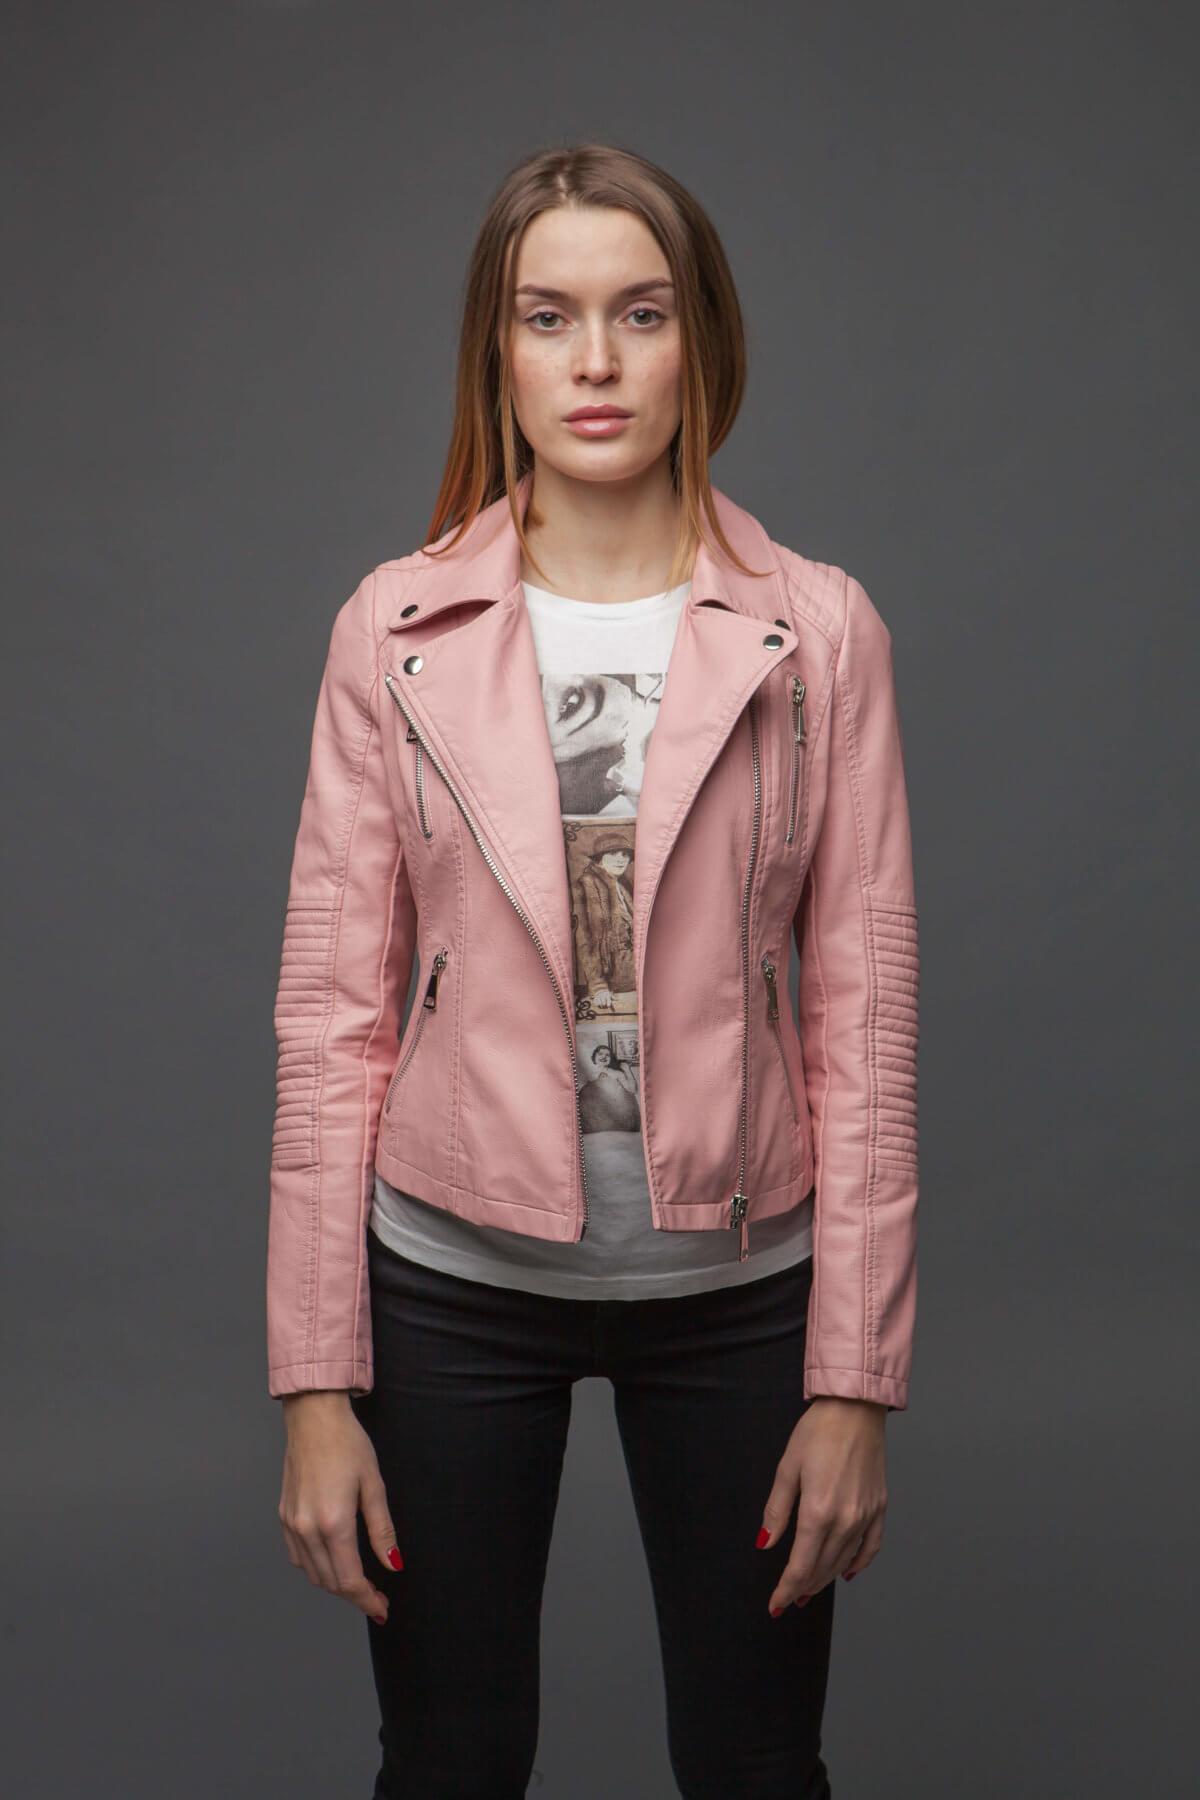 Нежно-розовая куртка из экокожи. Фото 1